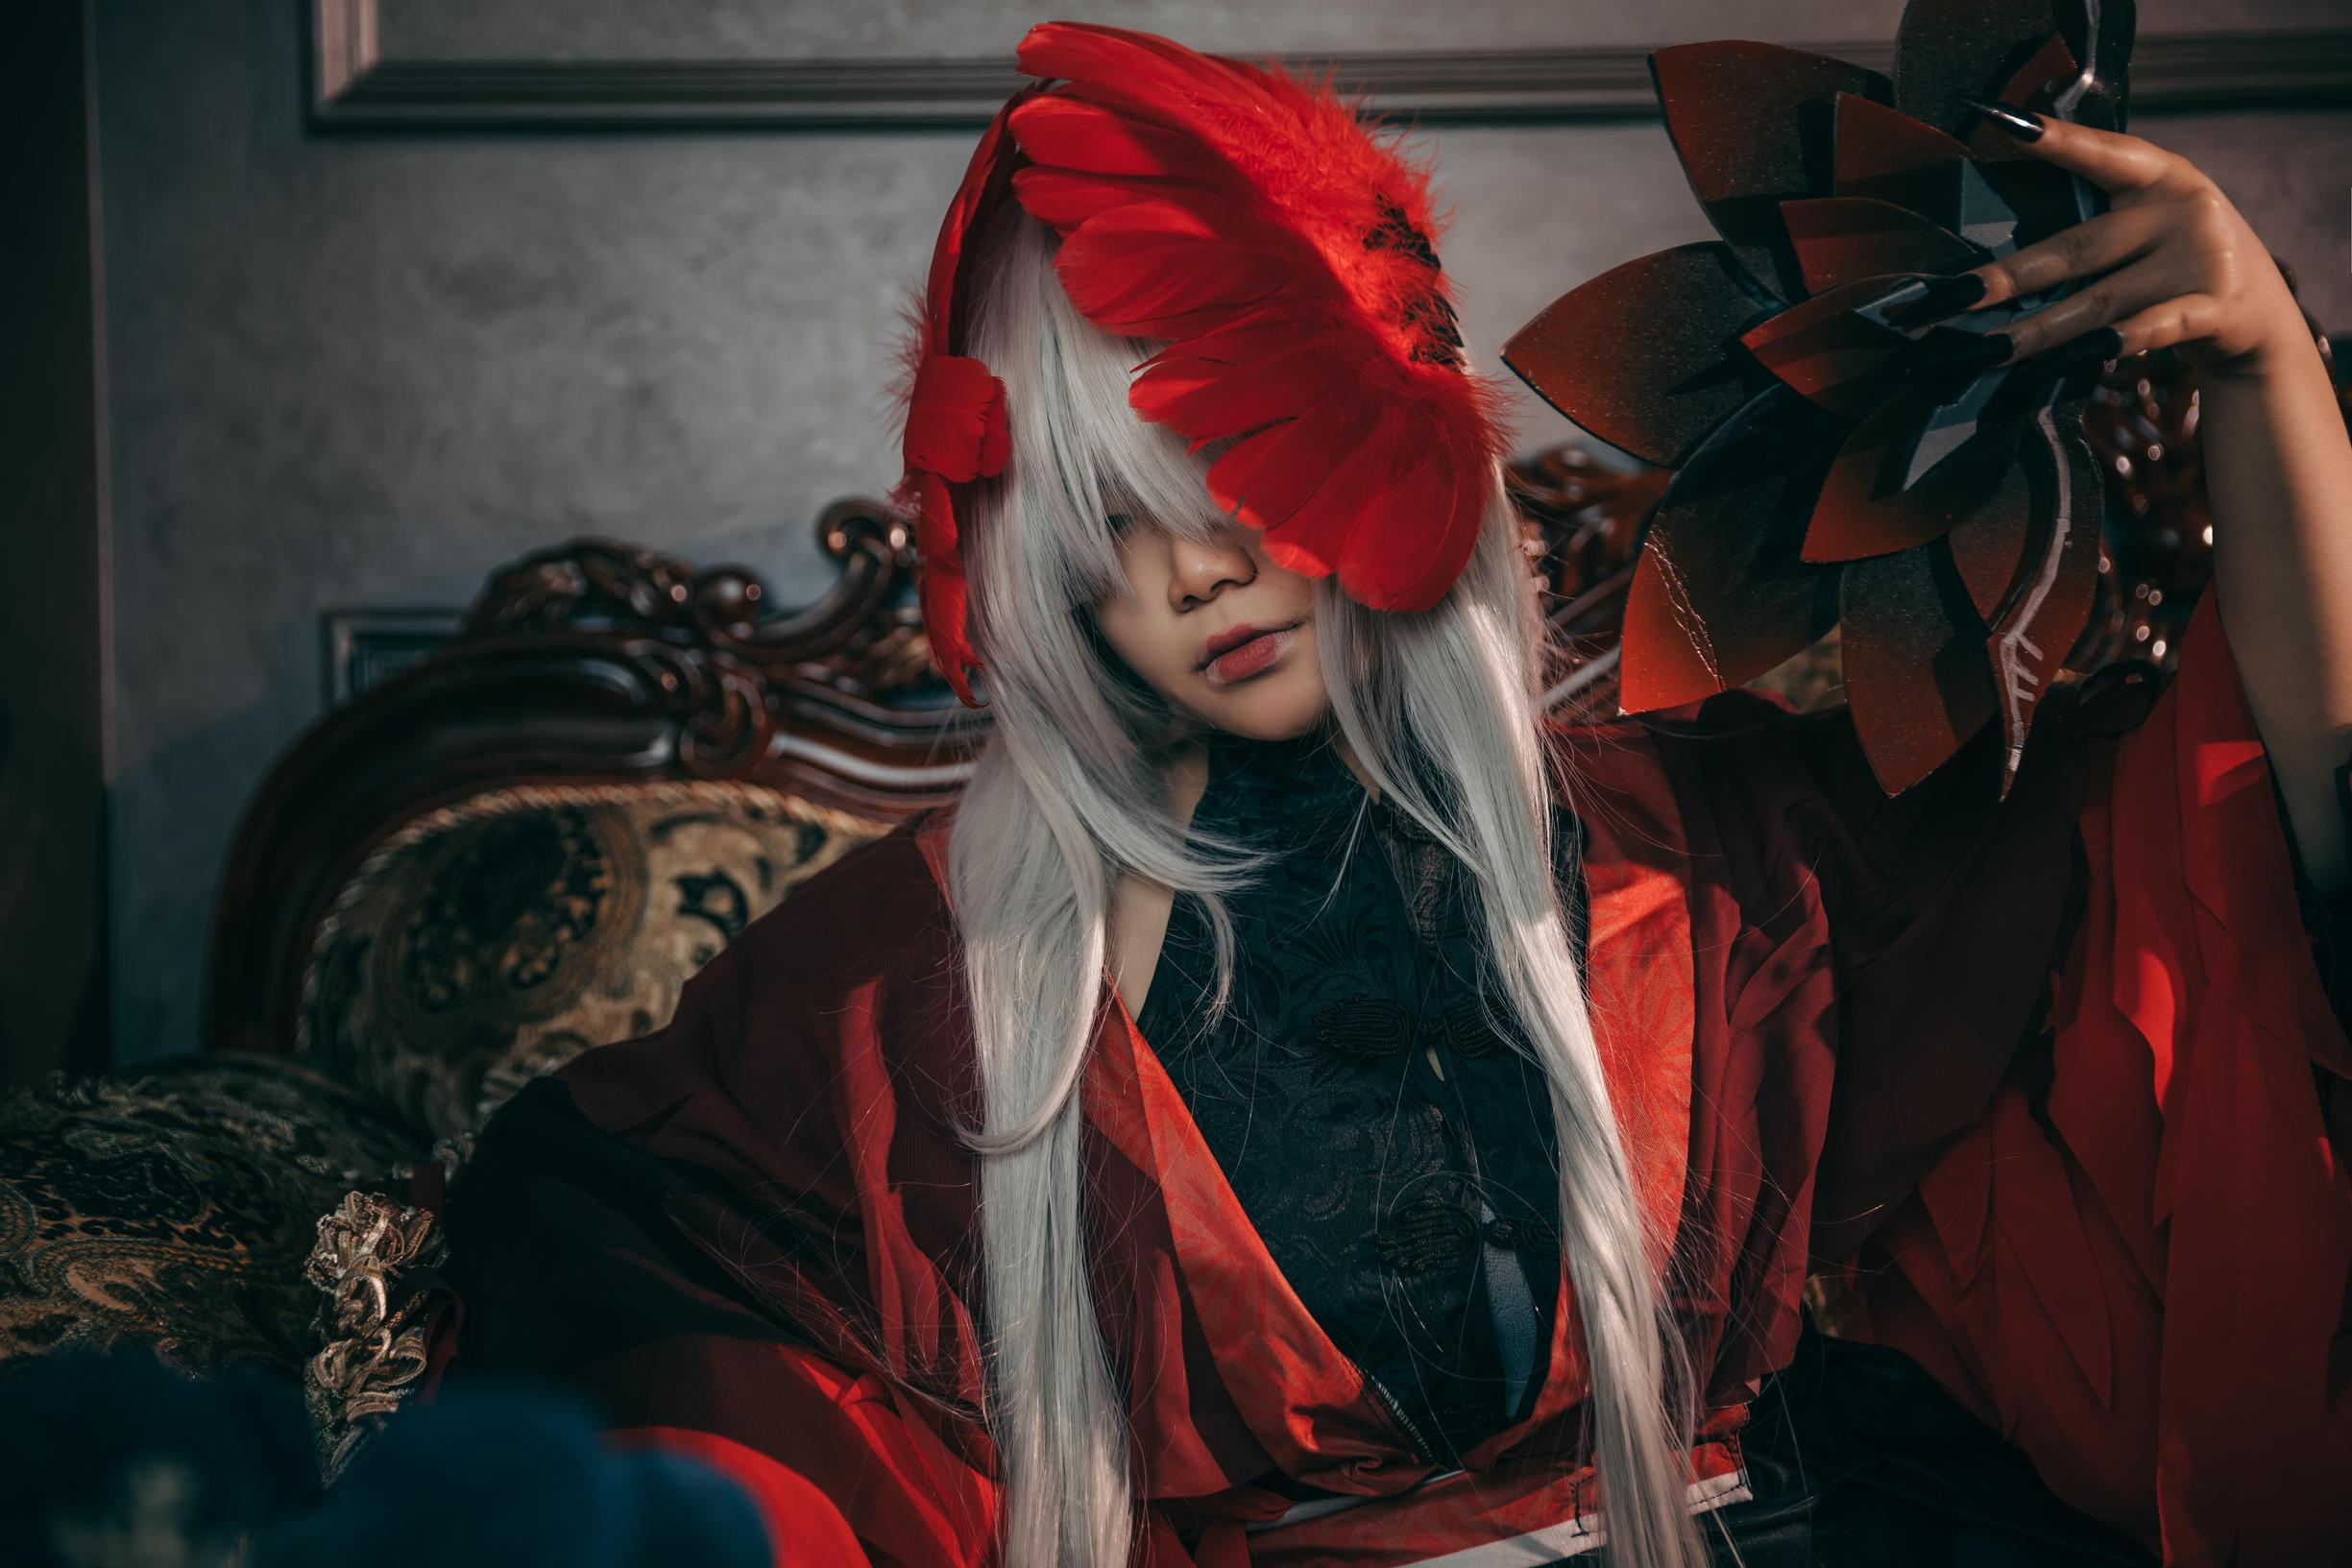 《第五人格》 -女圣职者cosplay图片插图